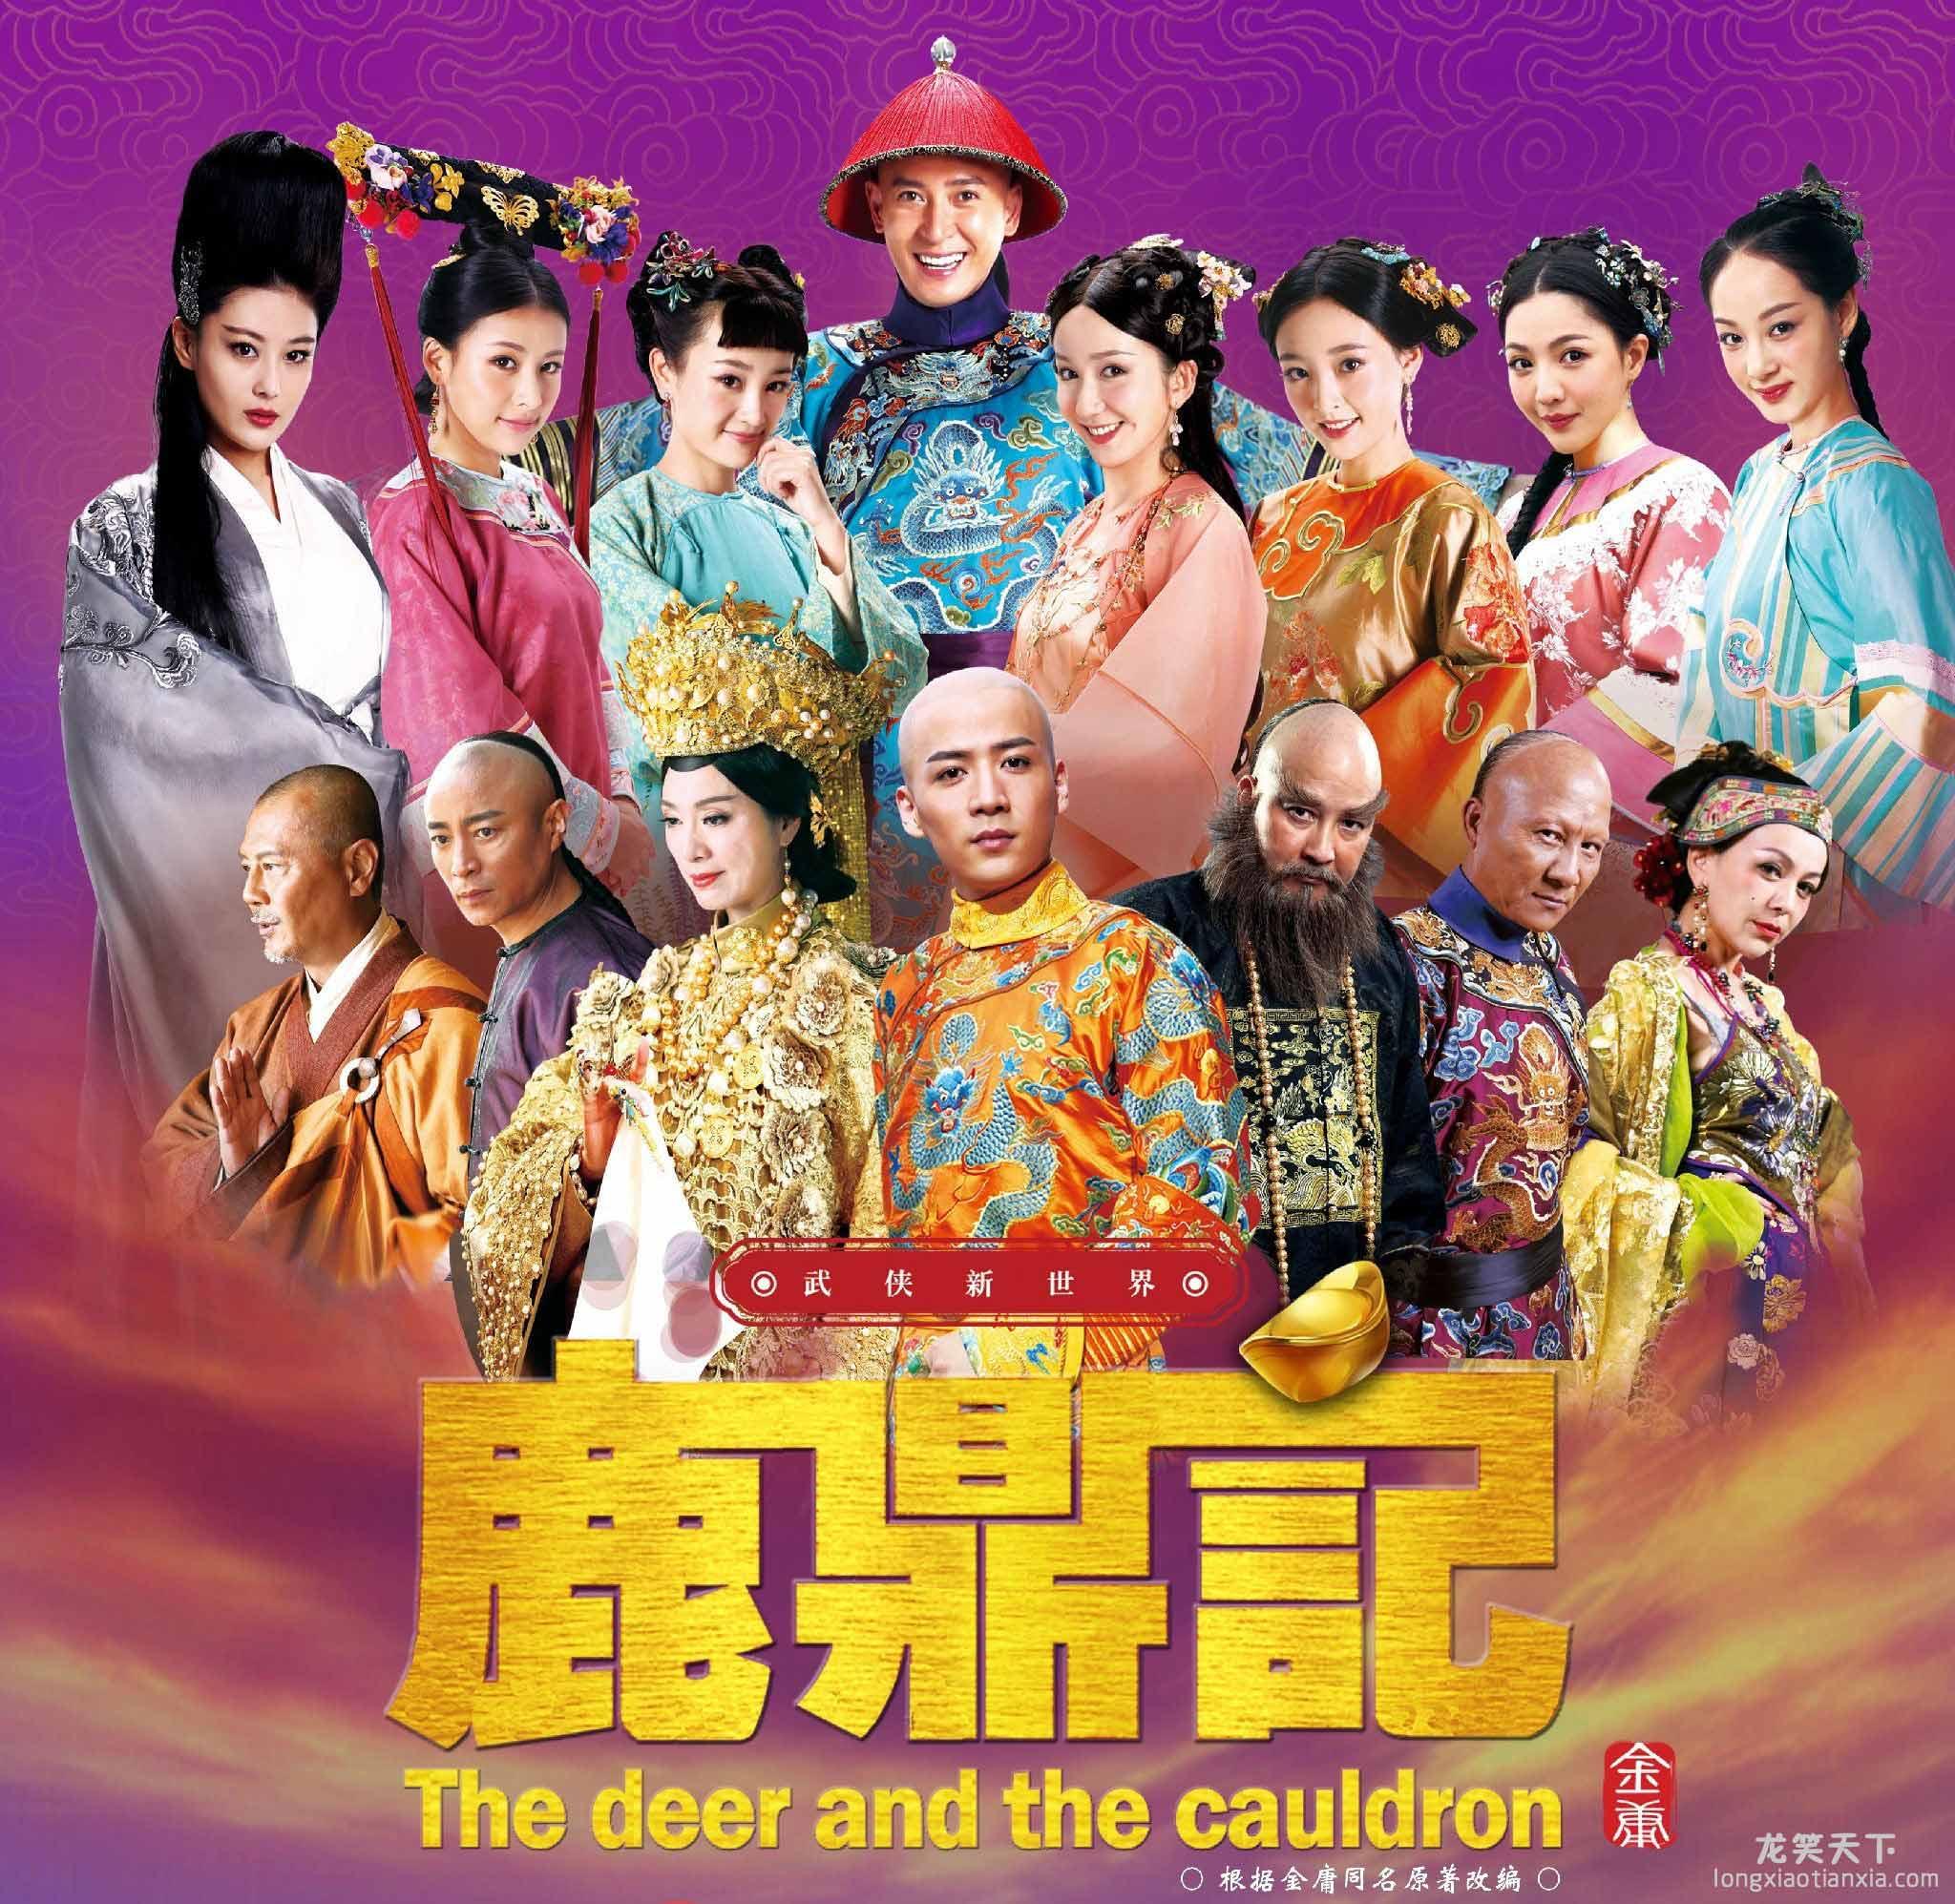 韓棟版新《鹿鼎記》片尾曲:《你不是我從小想嫁的大英雄》 - 龍笑天下